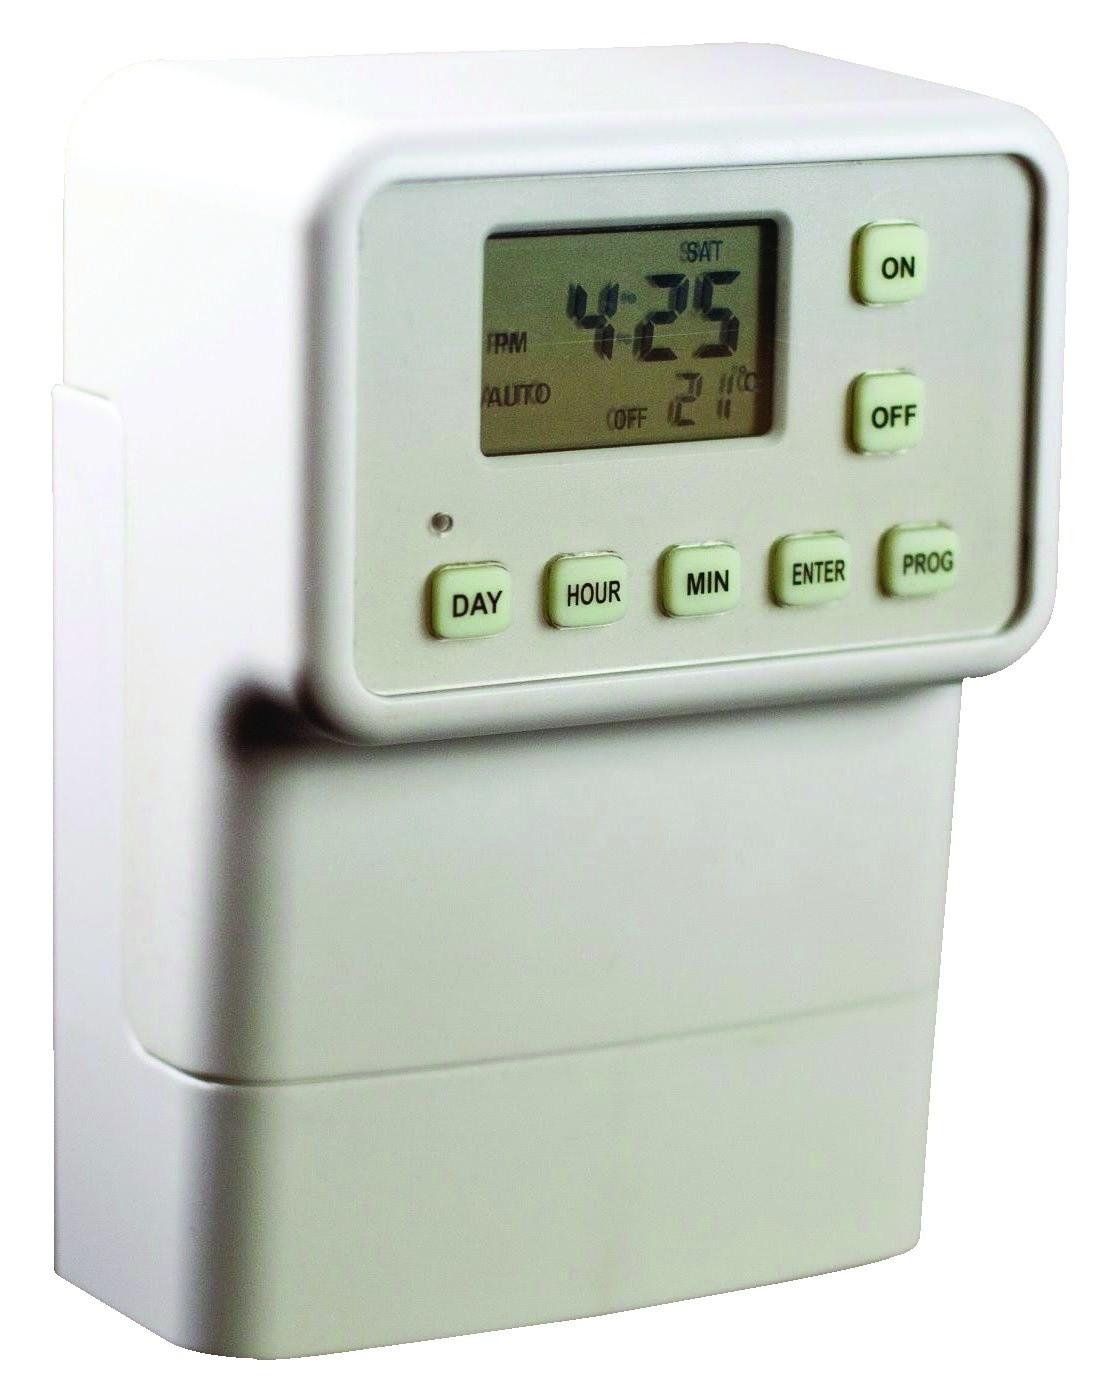 light switch timer fits over standard socket no wiring. Black Bedroom Furniture Sets. Home Design Ideas